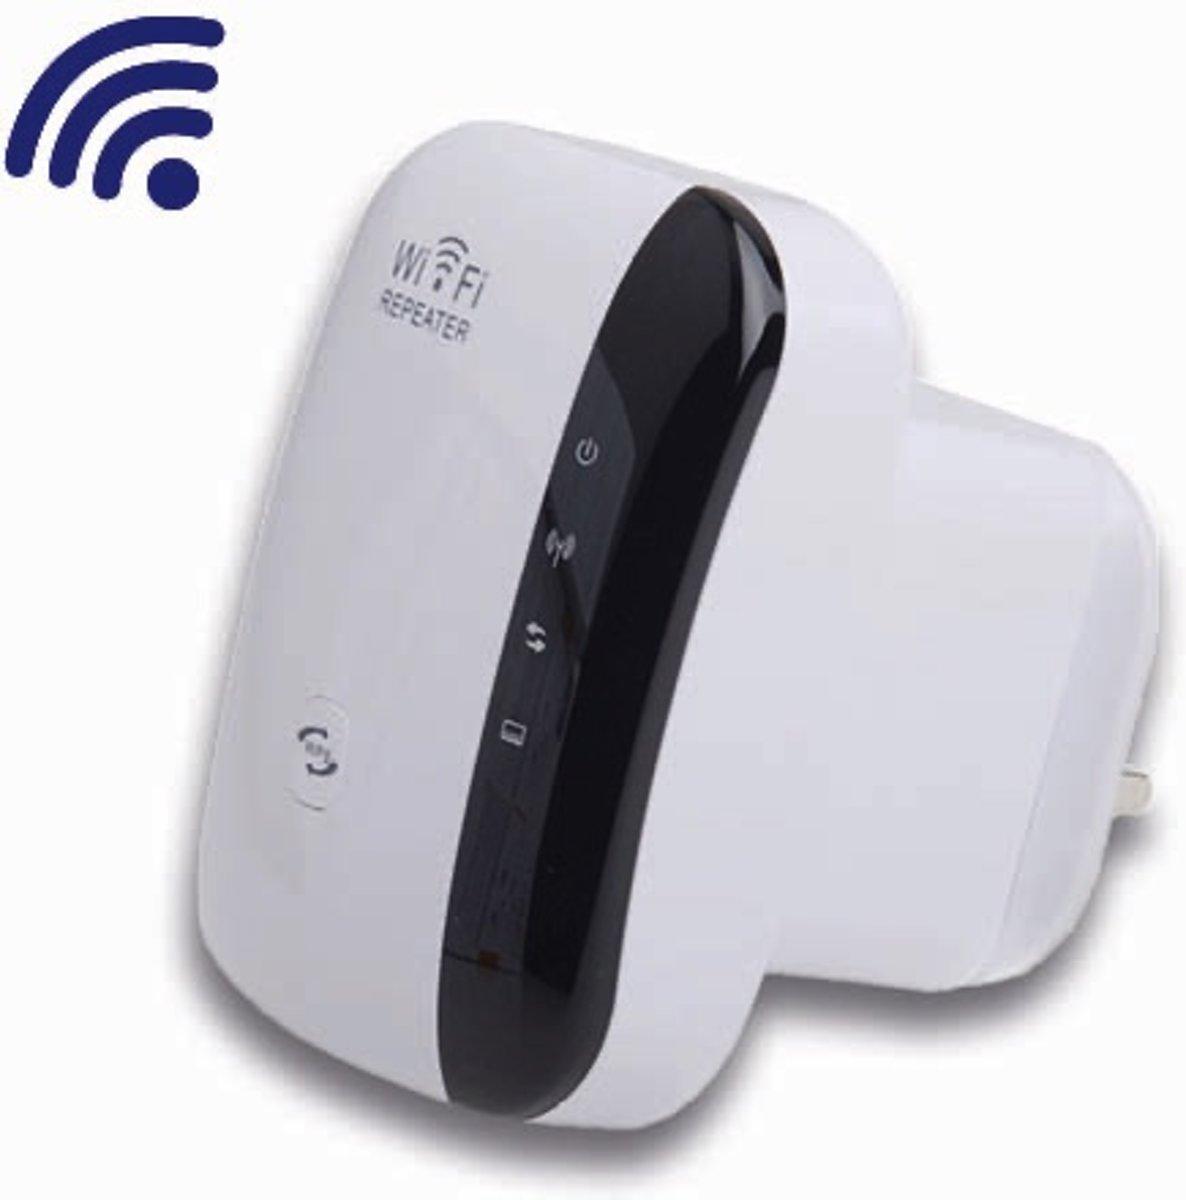 Krachtige WiFi Versterker + Gratis Internet kabel - WiFi Netwerk versterker - WiFi Repeater 300Mbps Wit - Stopcontact - Wireless kopen